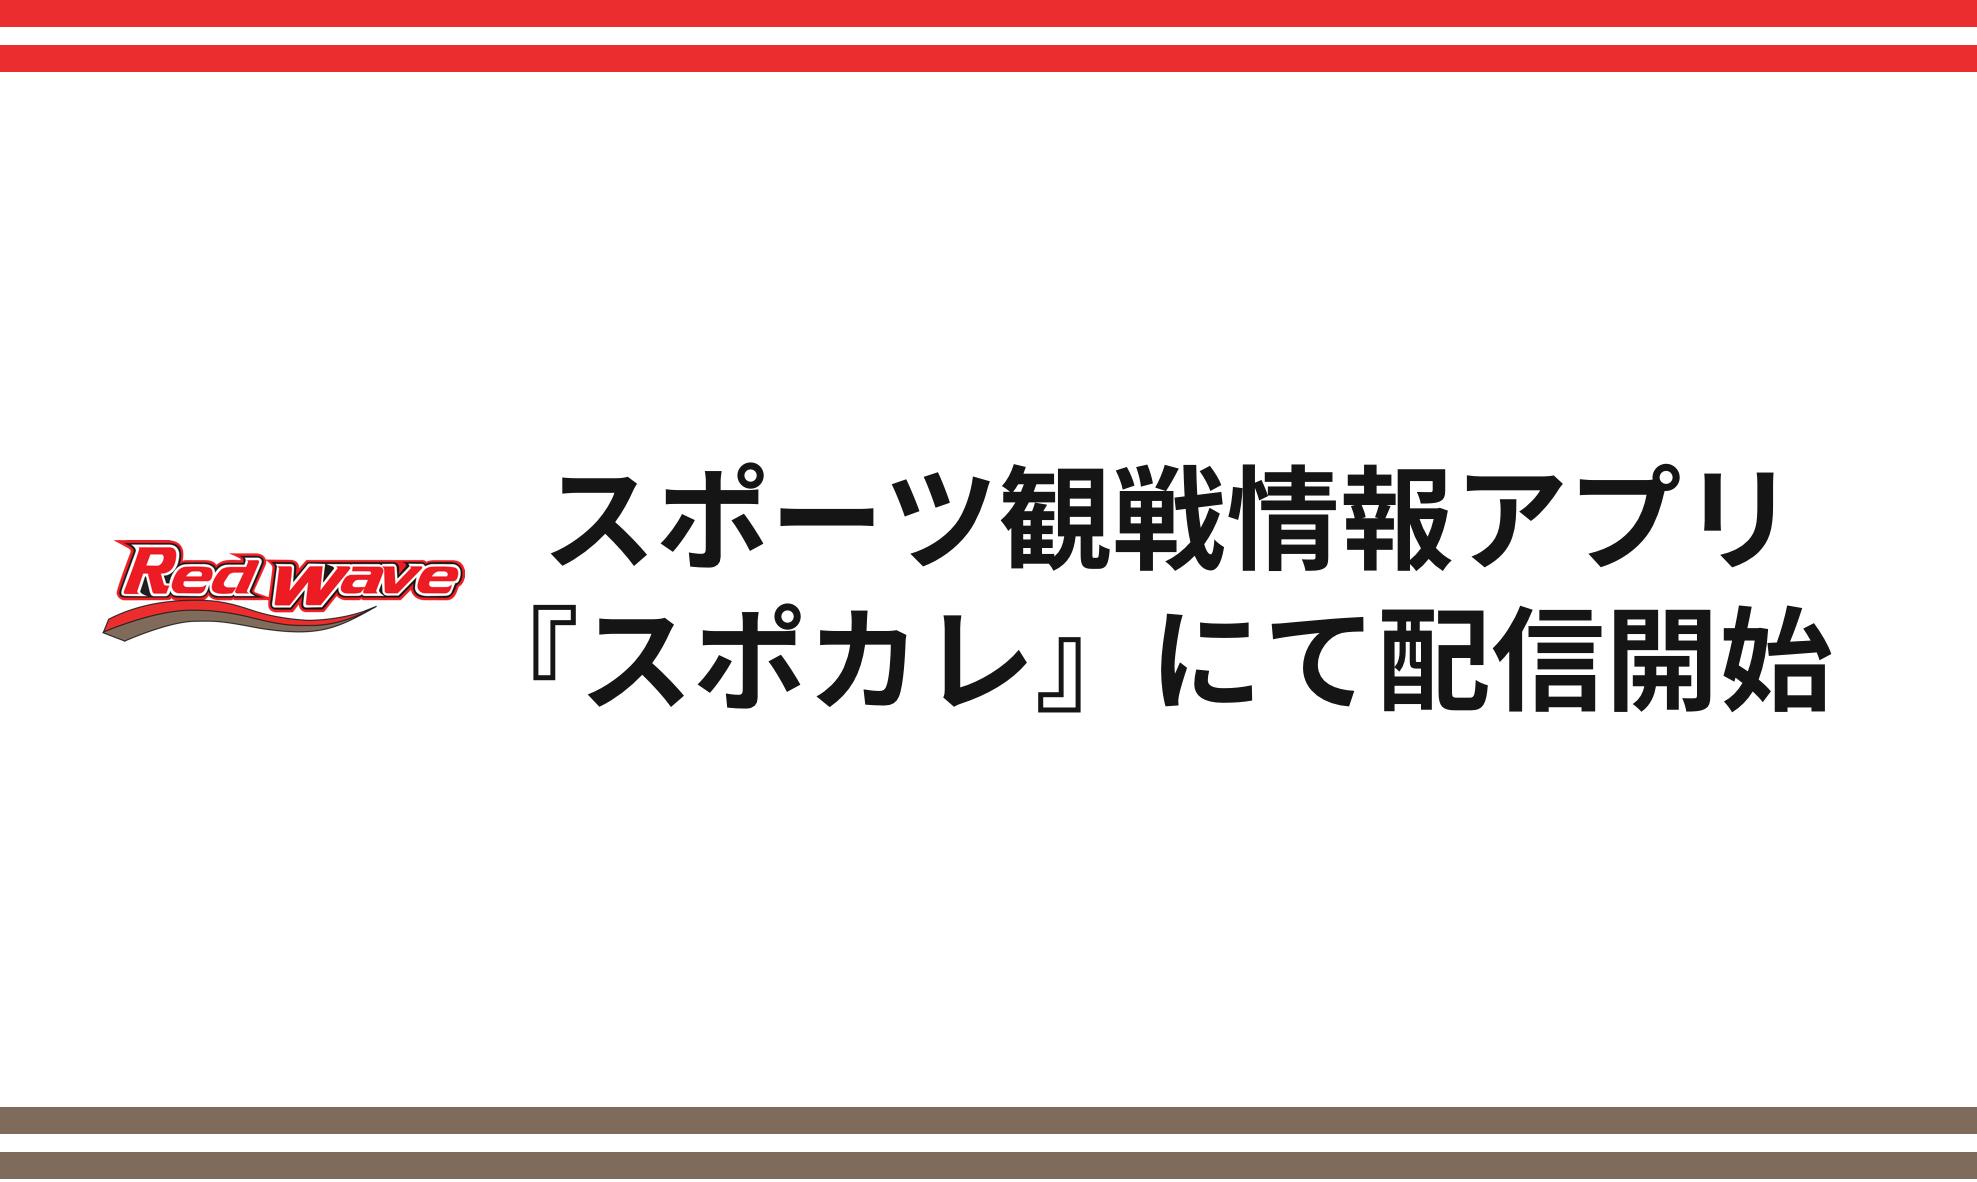 『富士通レッドウェーブカレンダー』をスポ…